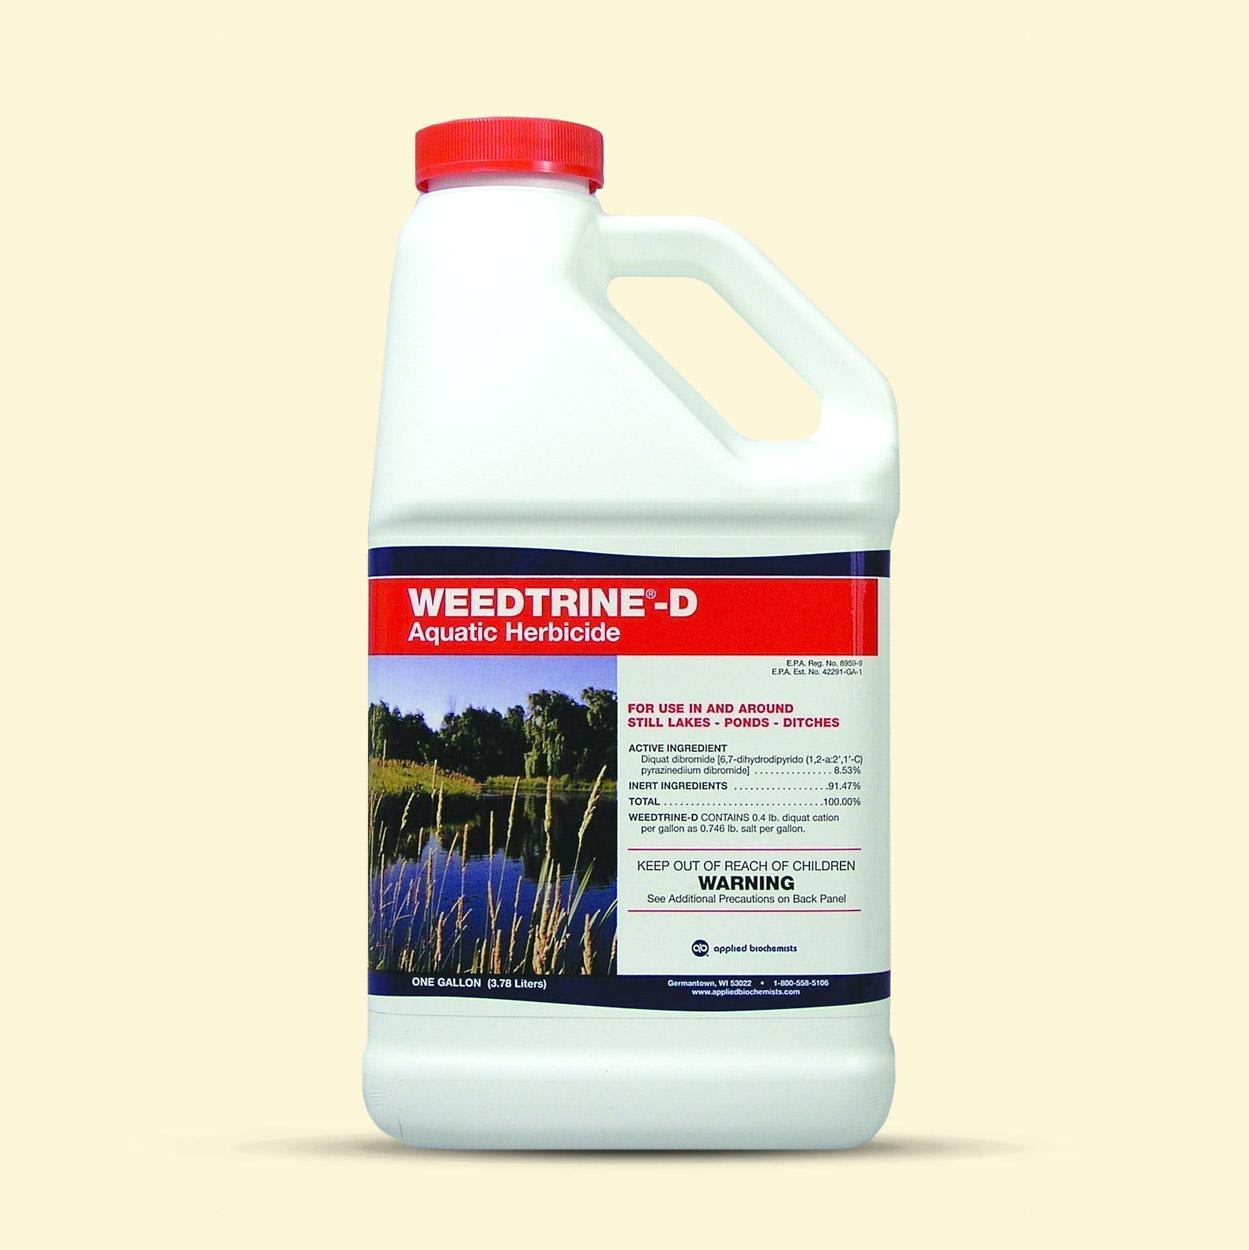 Weedtrine-D 1 gal Jug